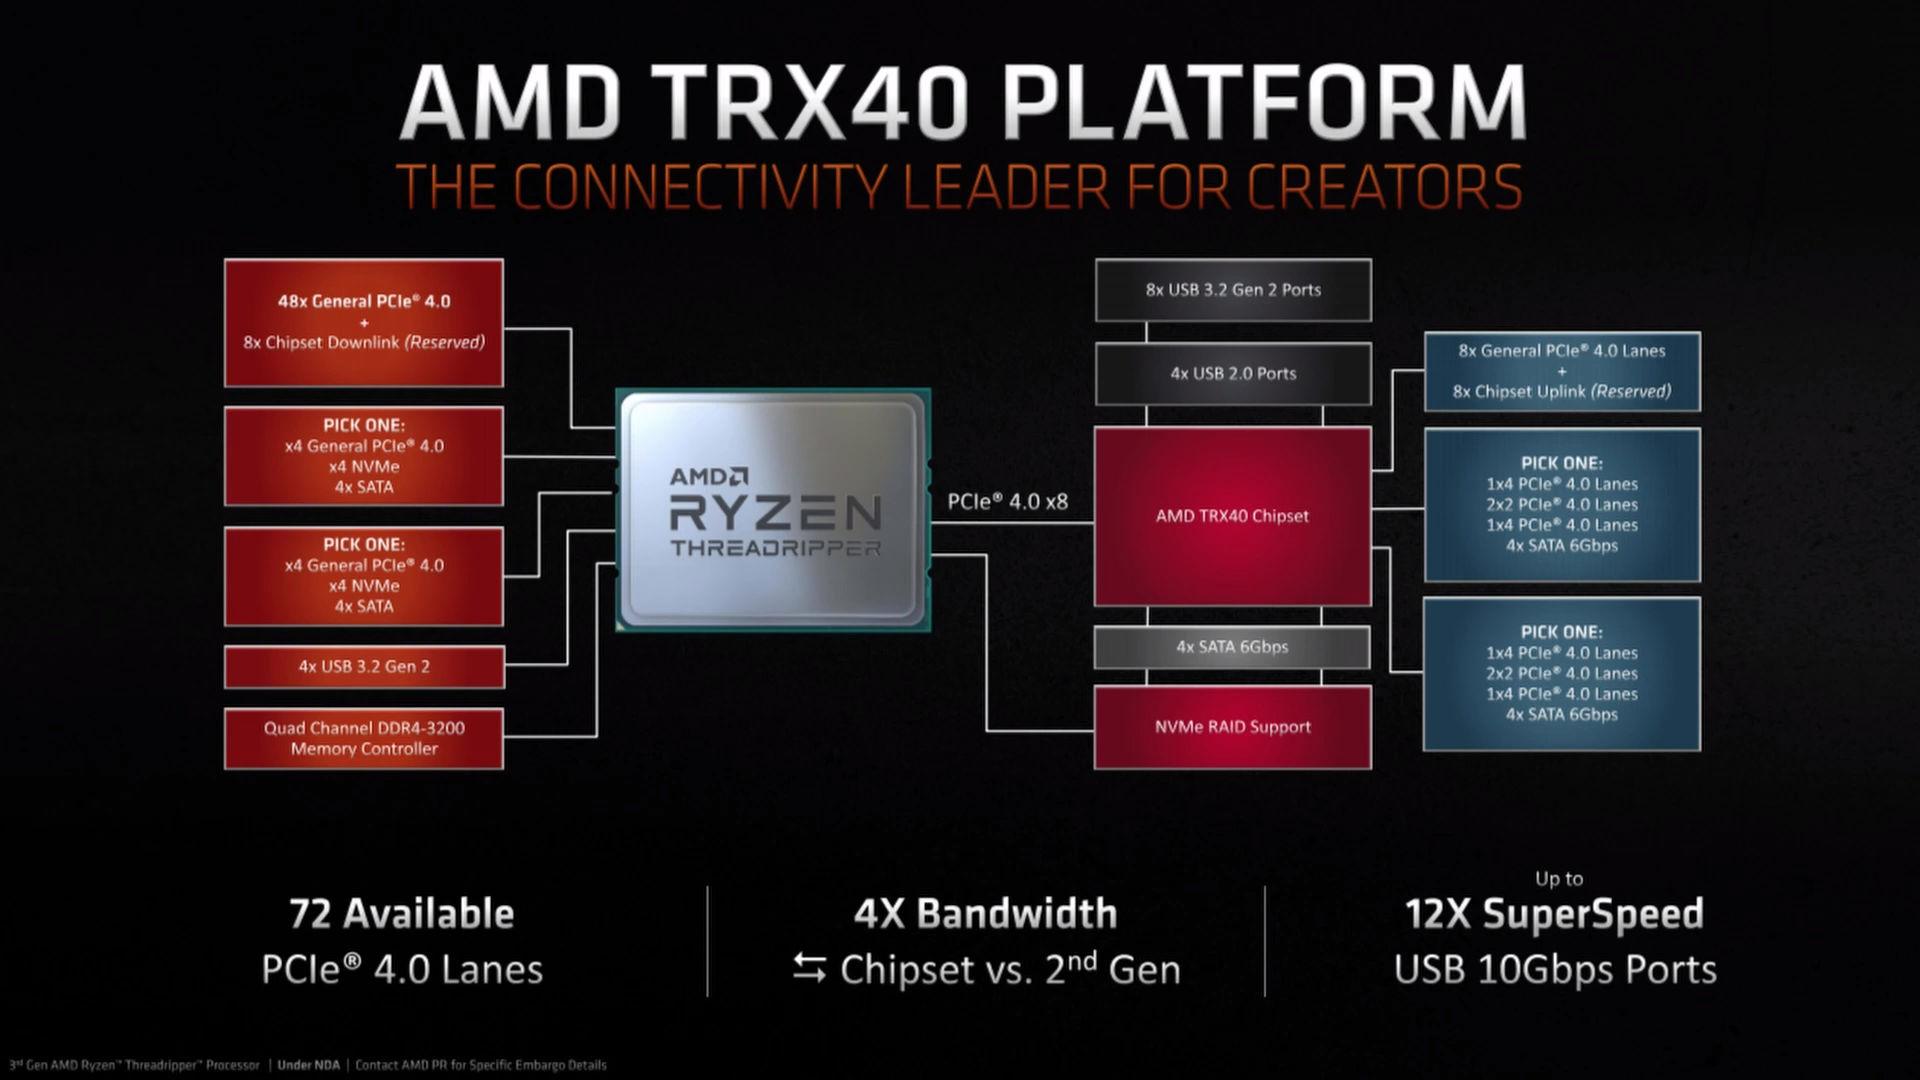 TRX40 Platform